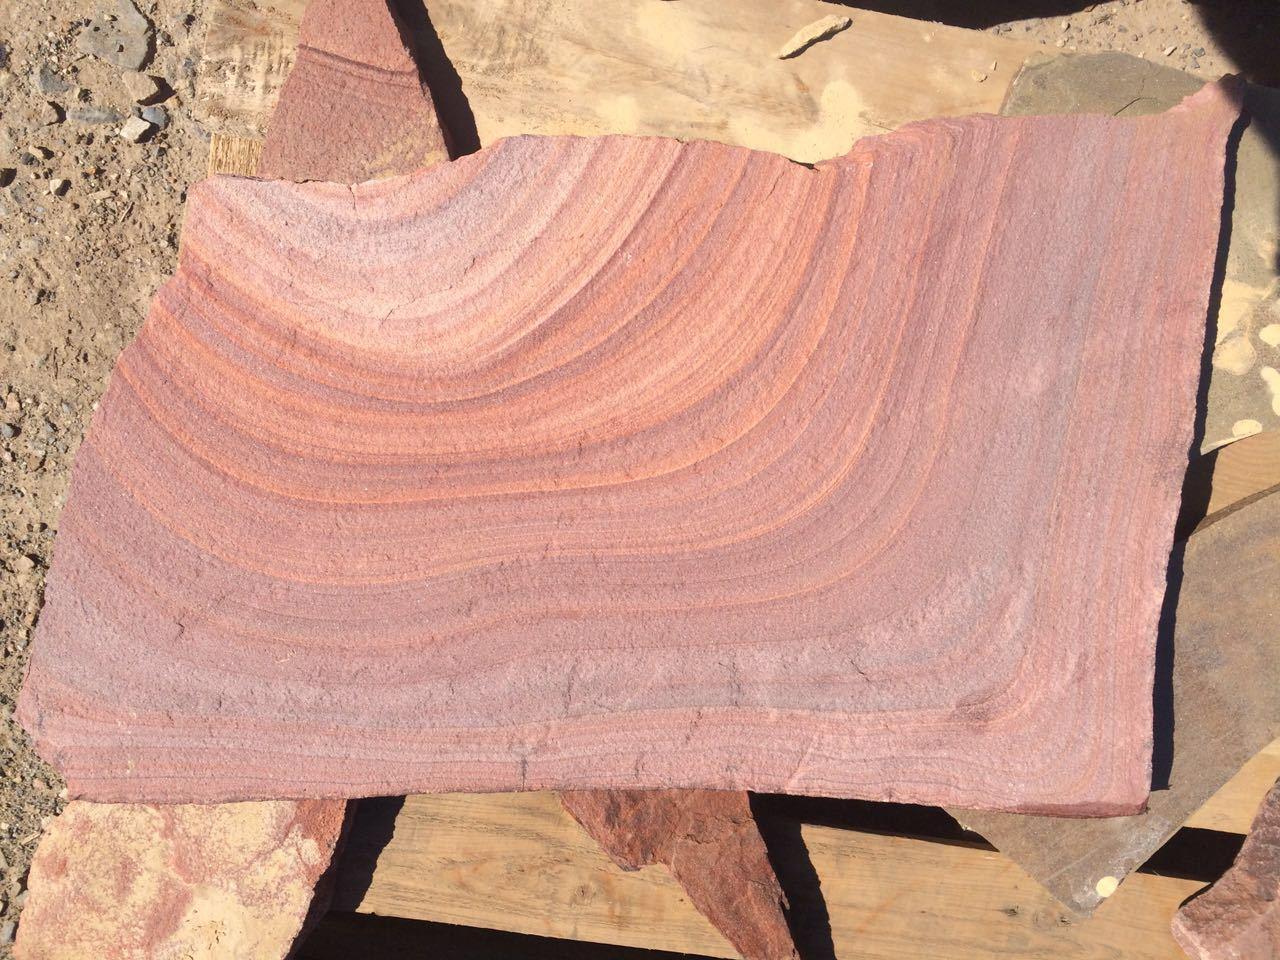 песчаник малиновая радуга, образец